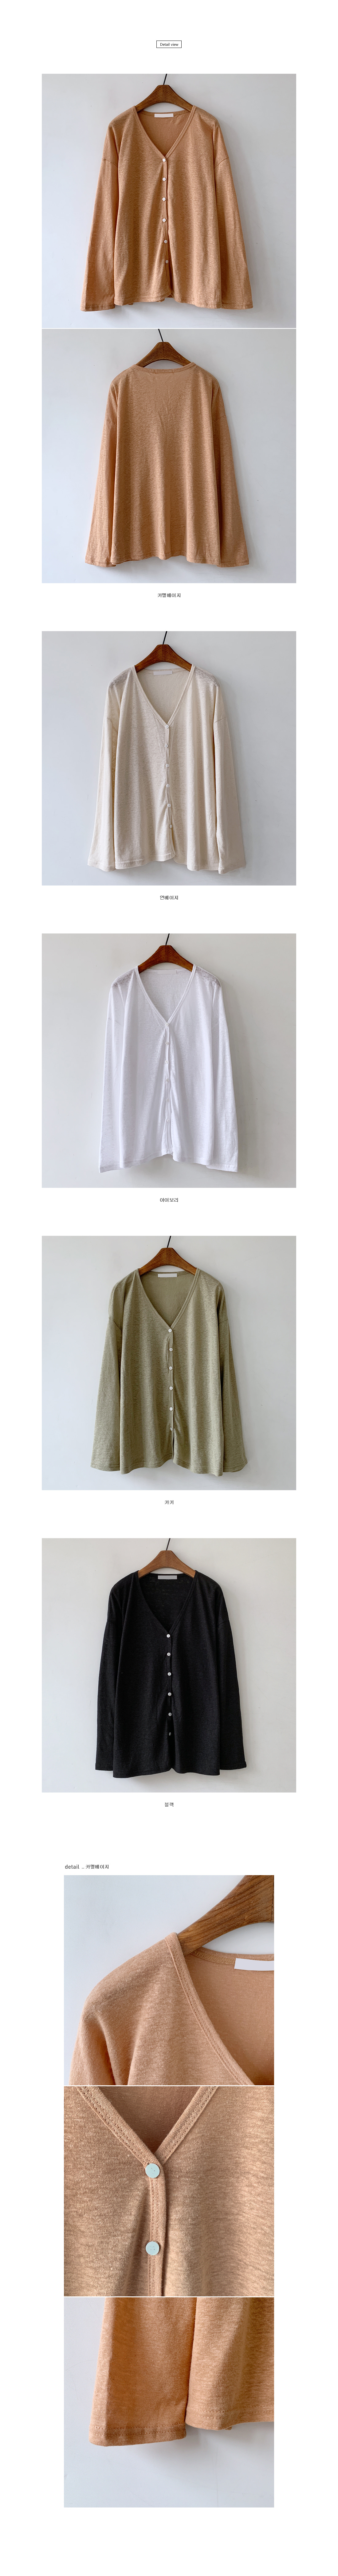 Hug linen cardigan, t-shirt